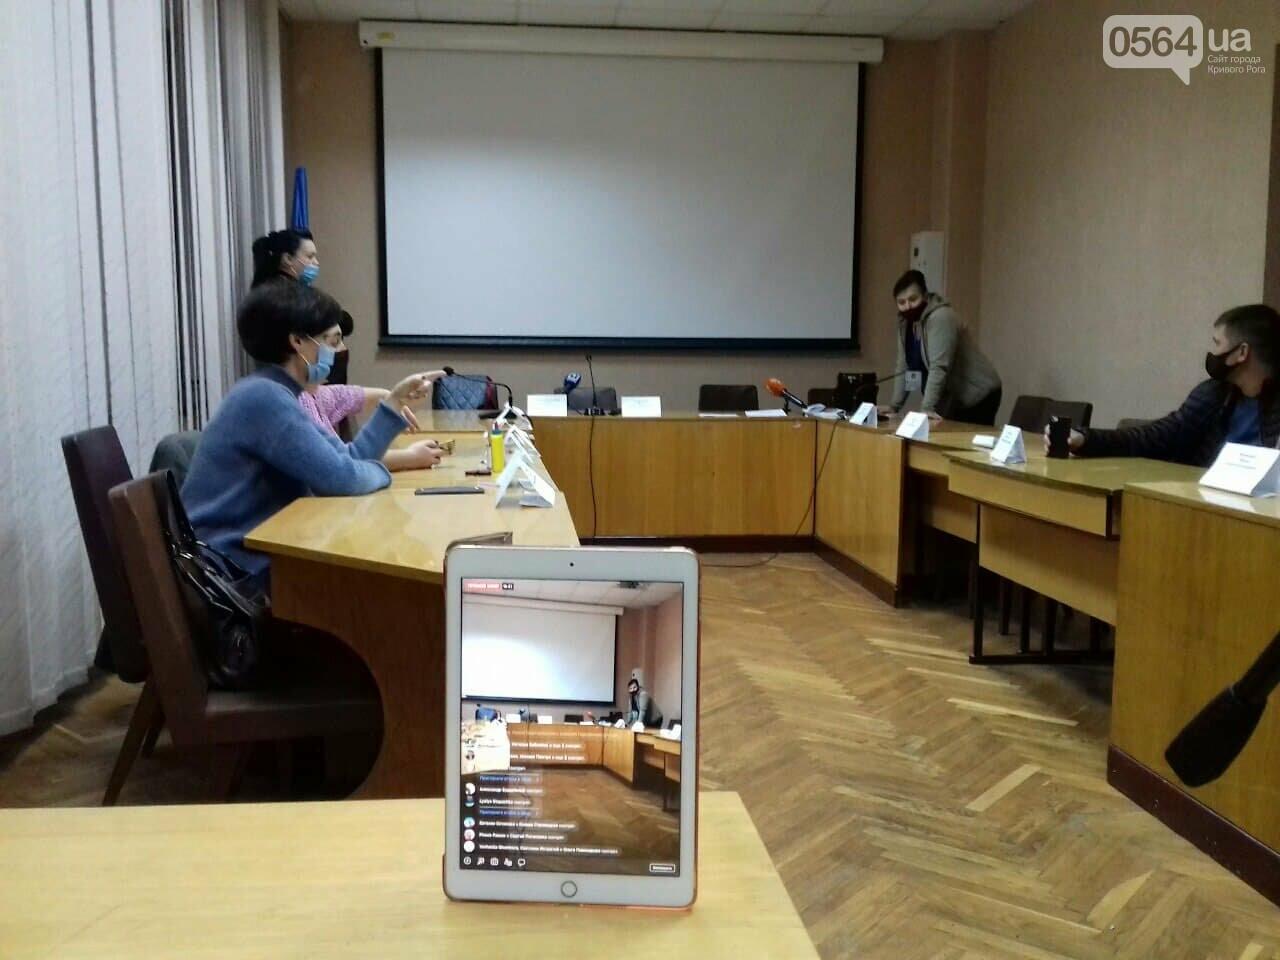 В Кривом Роге проходит заседание ГИК, - ПРЯМАЯ ТРАНСЛЯЦИЯ, фото-6